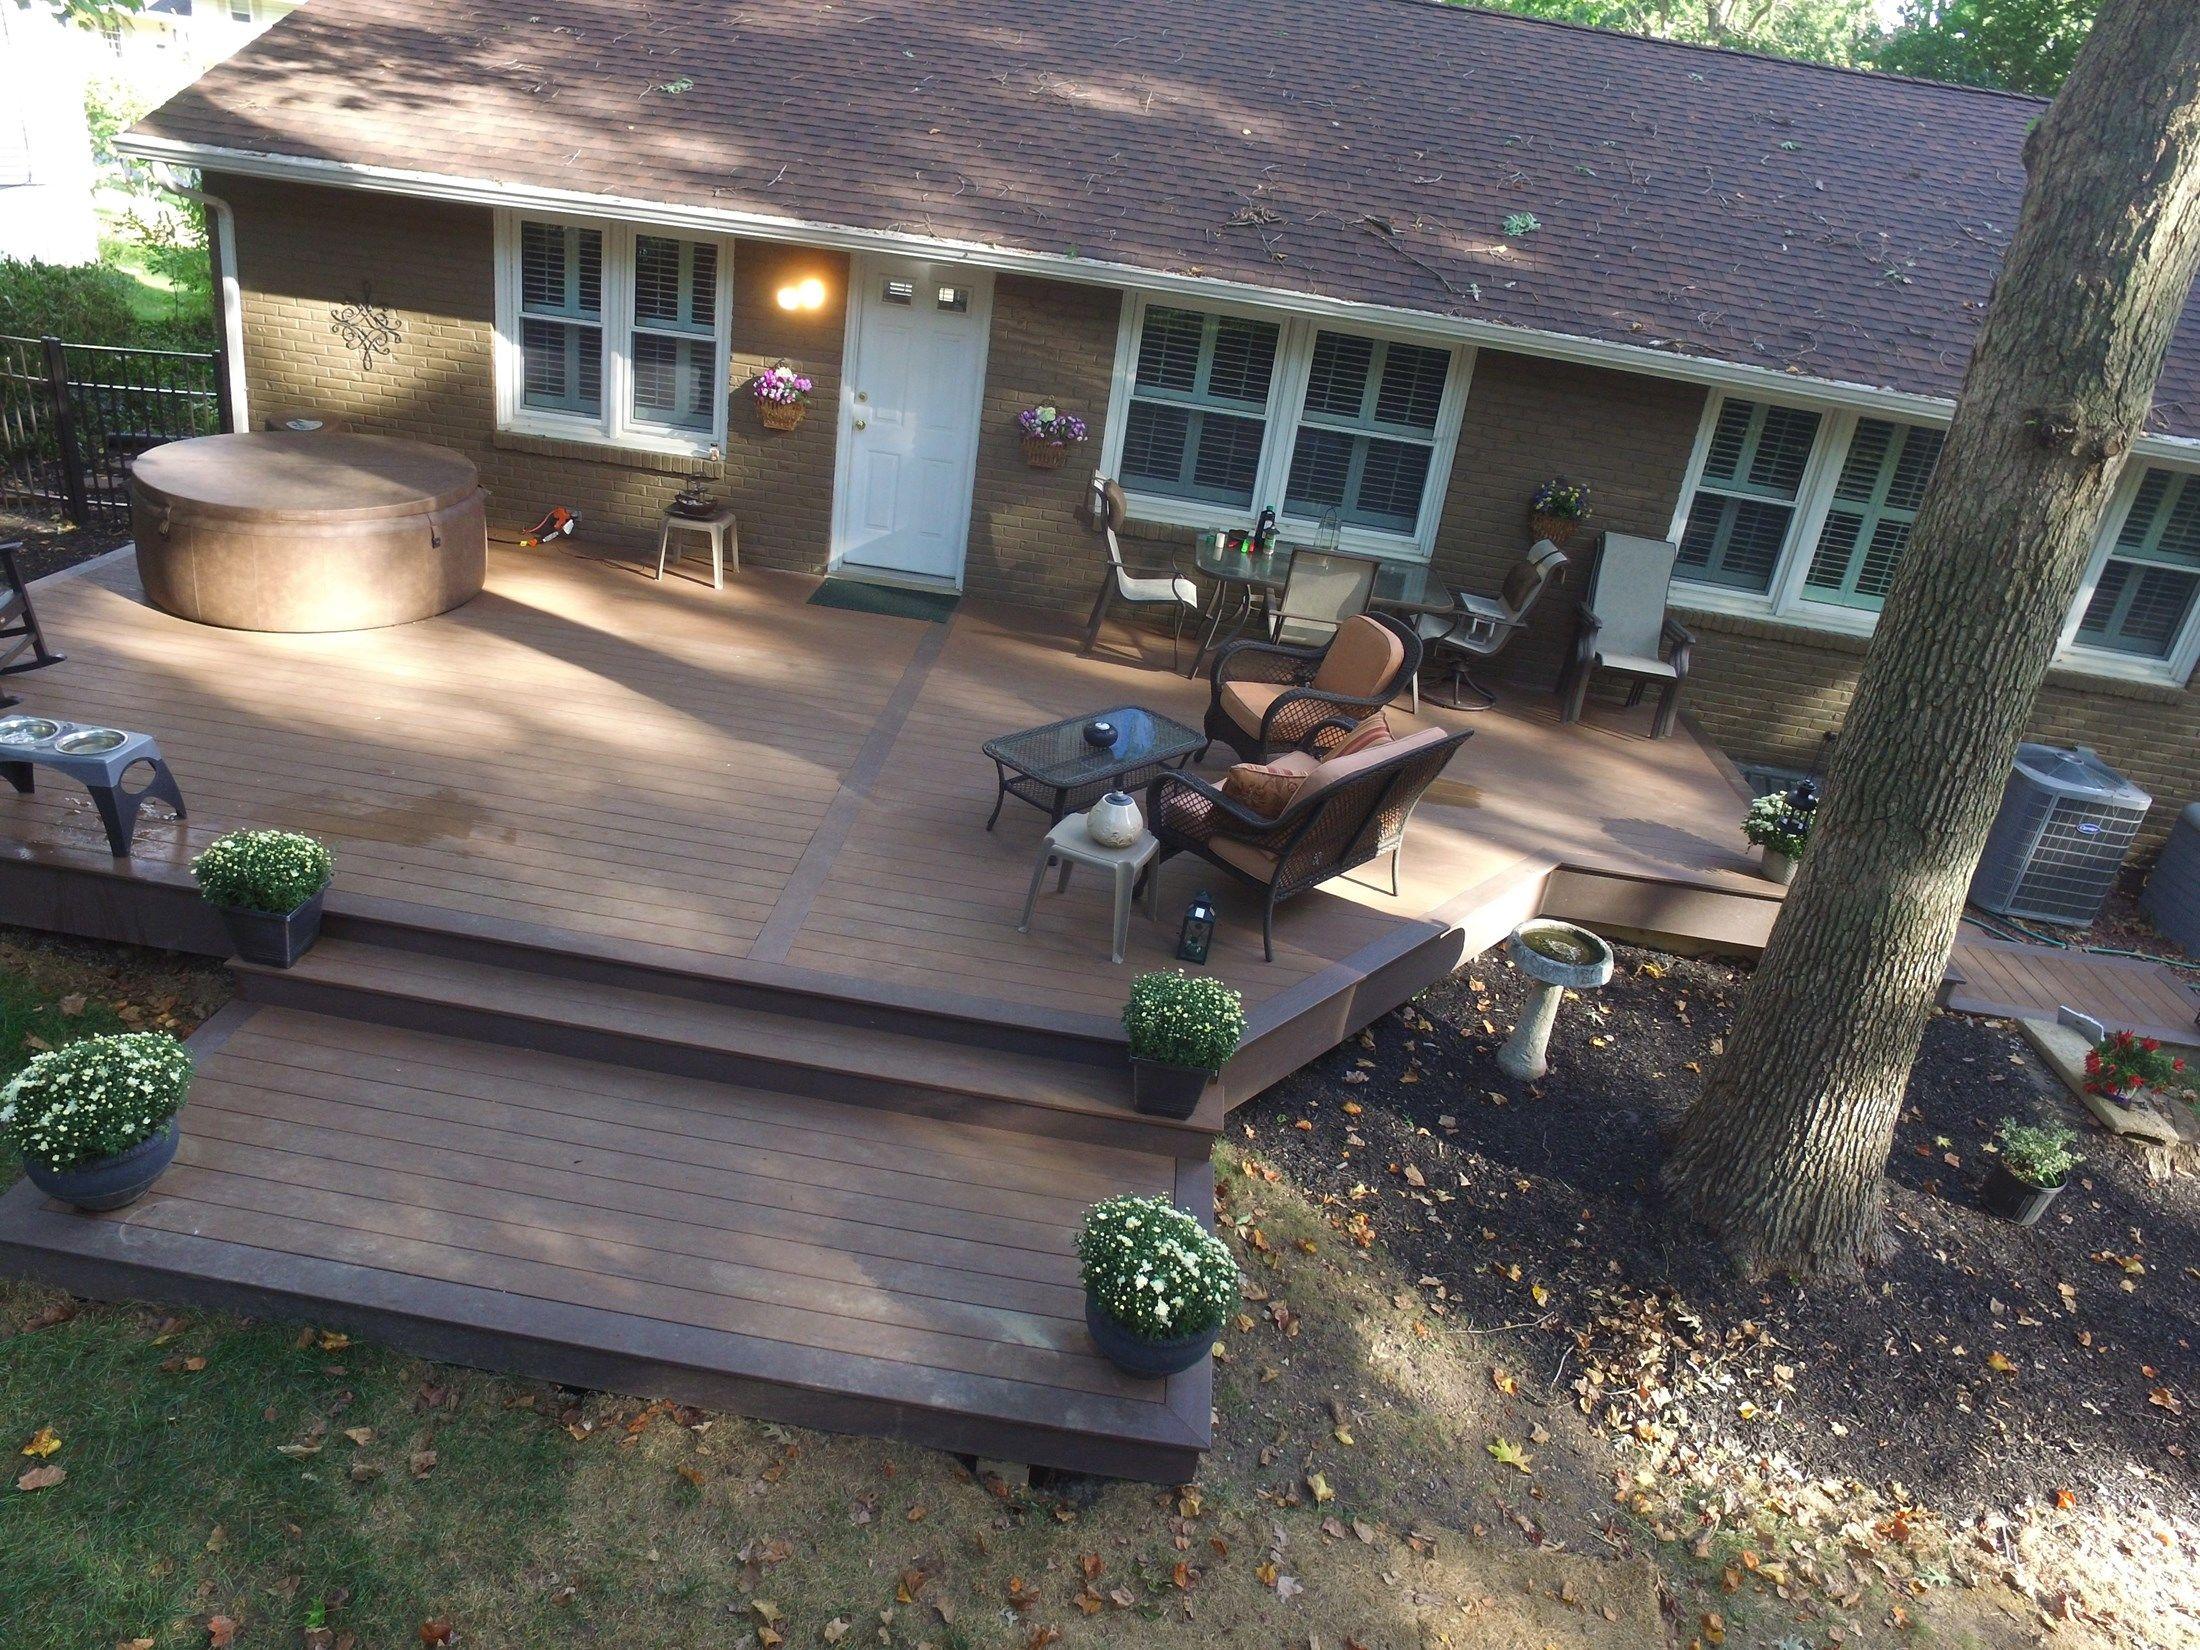 Timbertech Terrain Deck - Picture 6522